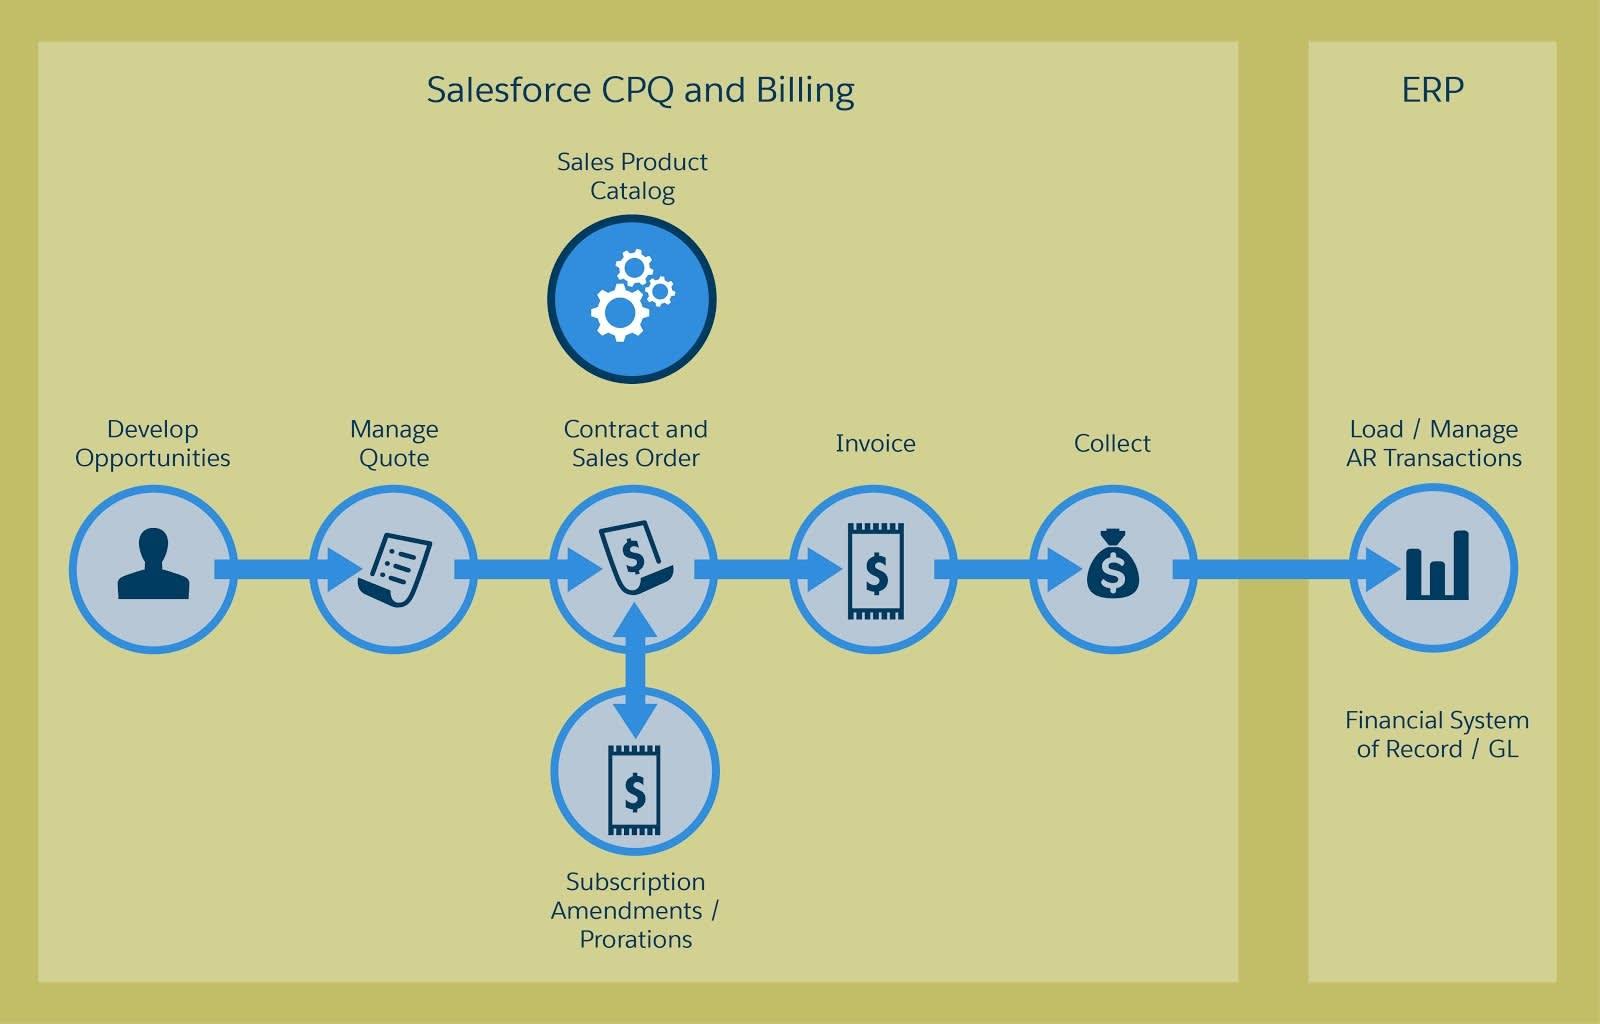 Salesforce CPQ und Salesforce Billing bieten eine einheitliche Nutzungserfahrung in einer Plattform.